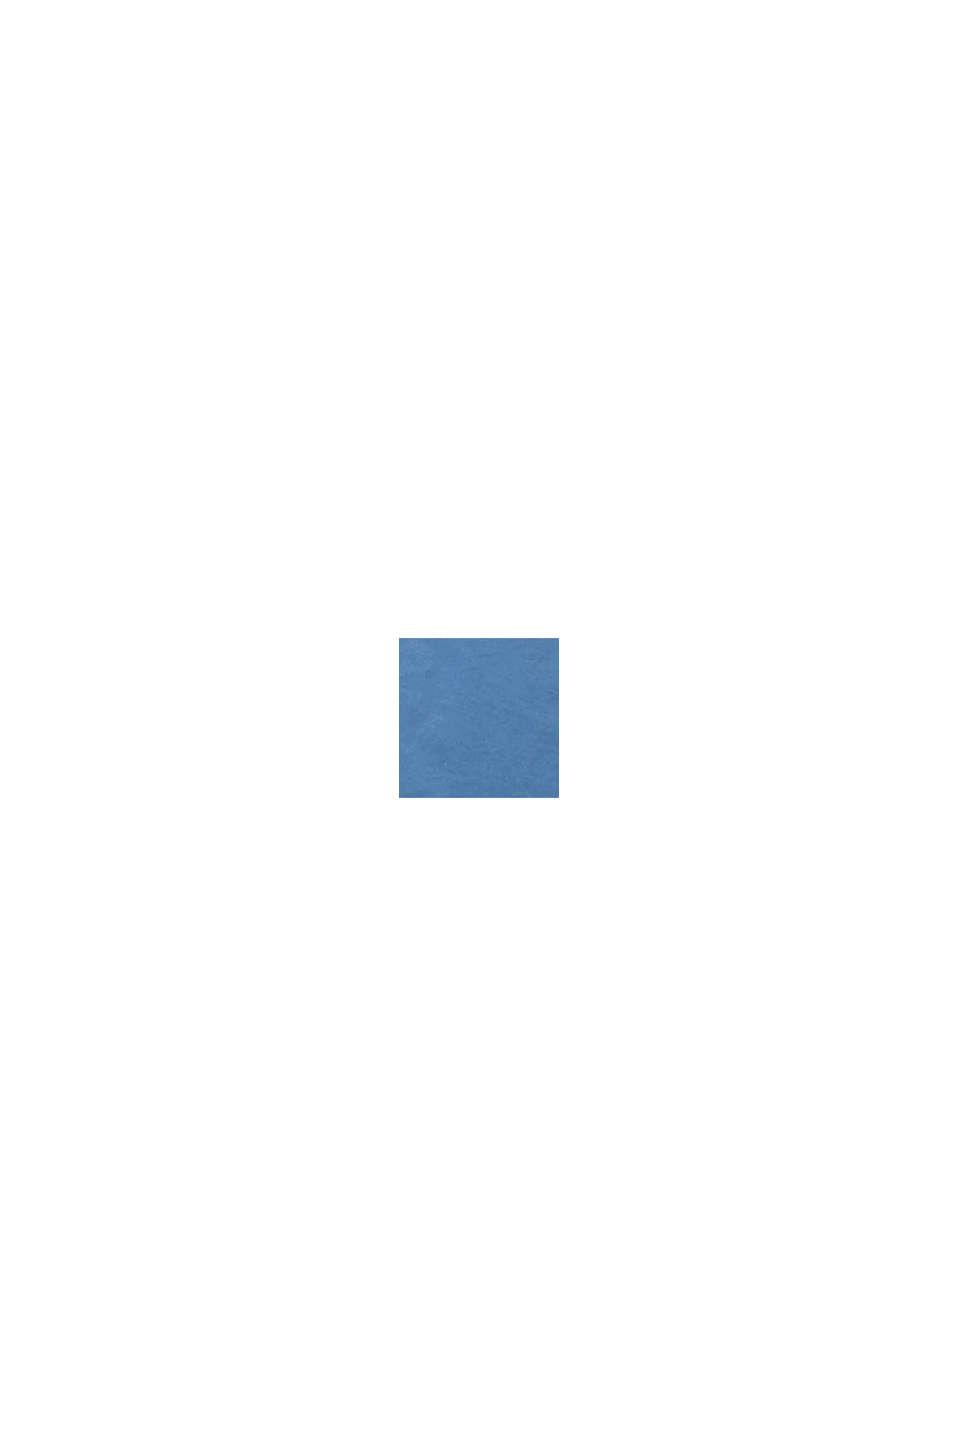 Bermudas av 100% bomull, BRIGHT BLUE, swatch